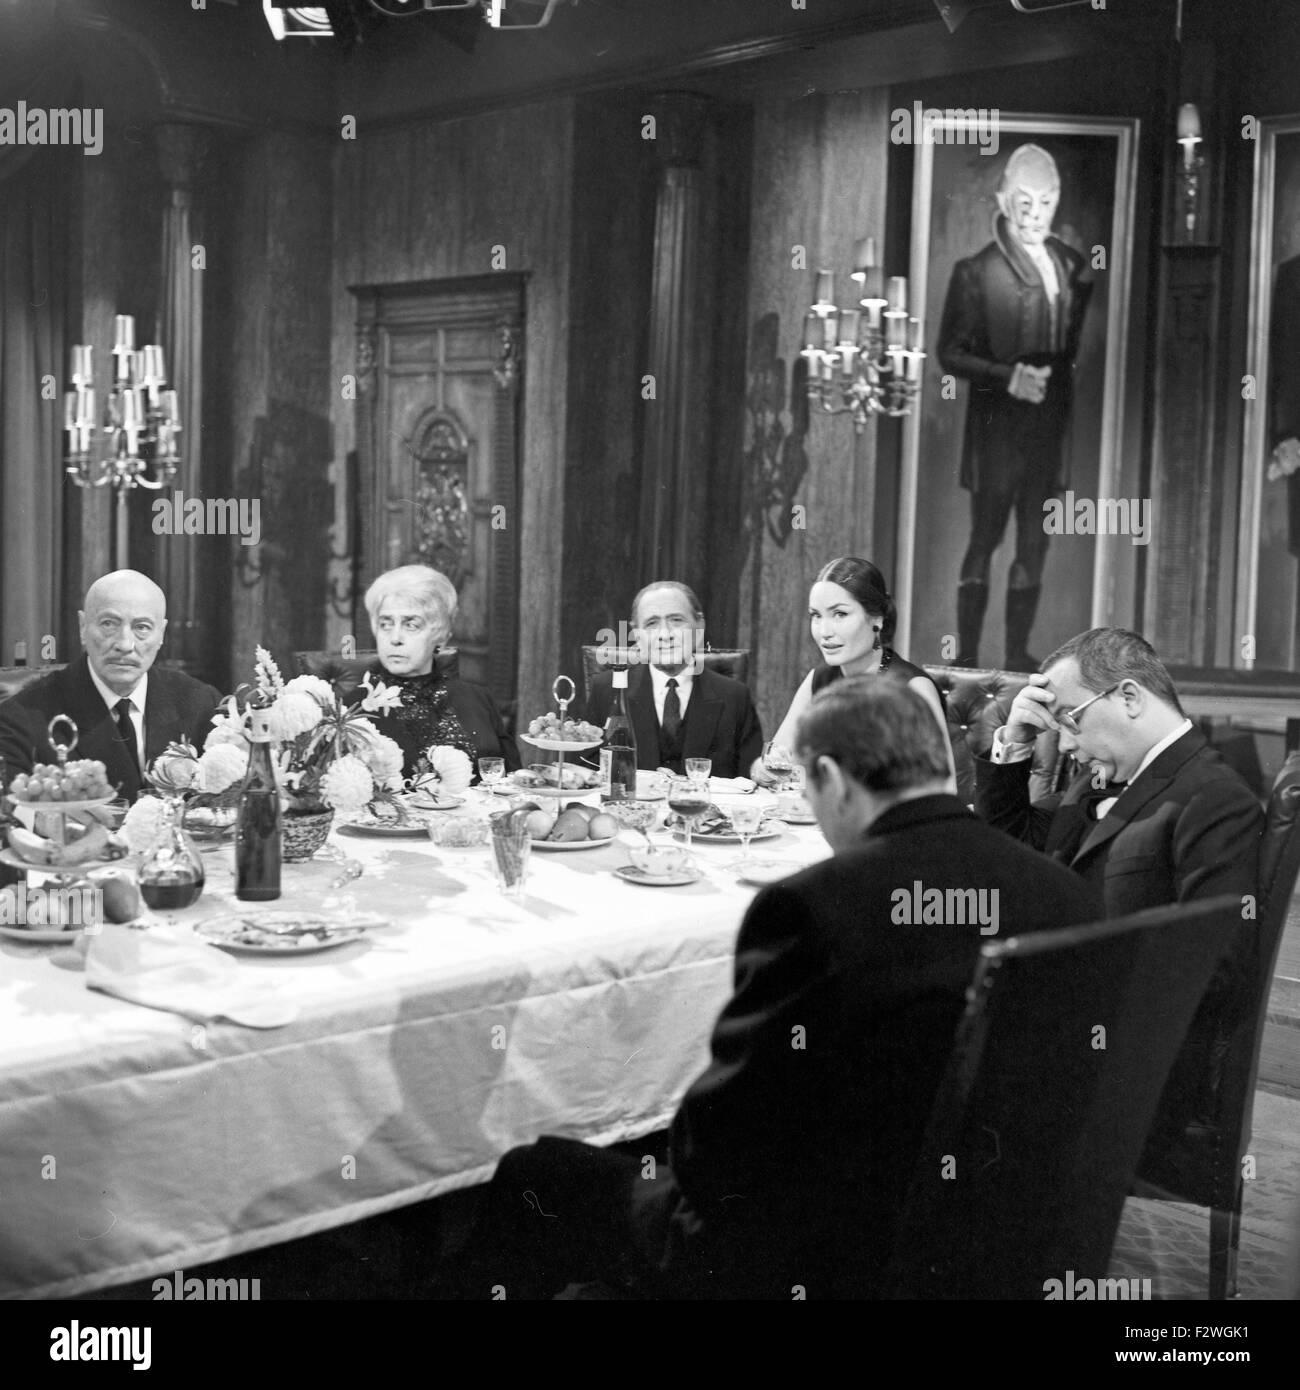 Frank V. - Die Oper einer Privatbank, Fernsehfilm, Deutschland 1967, Regie: Friedrich Dürrenmatt, Darsteller: - Stock Image